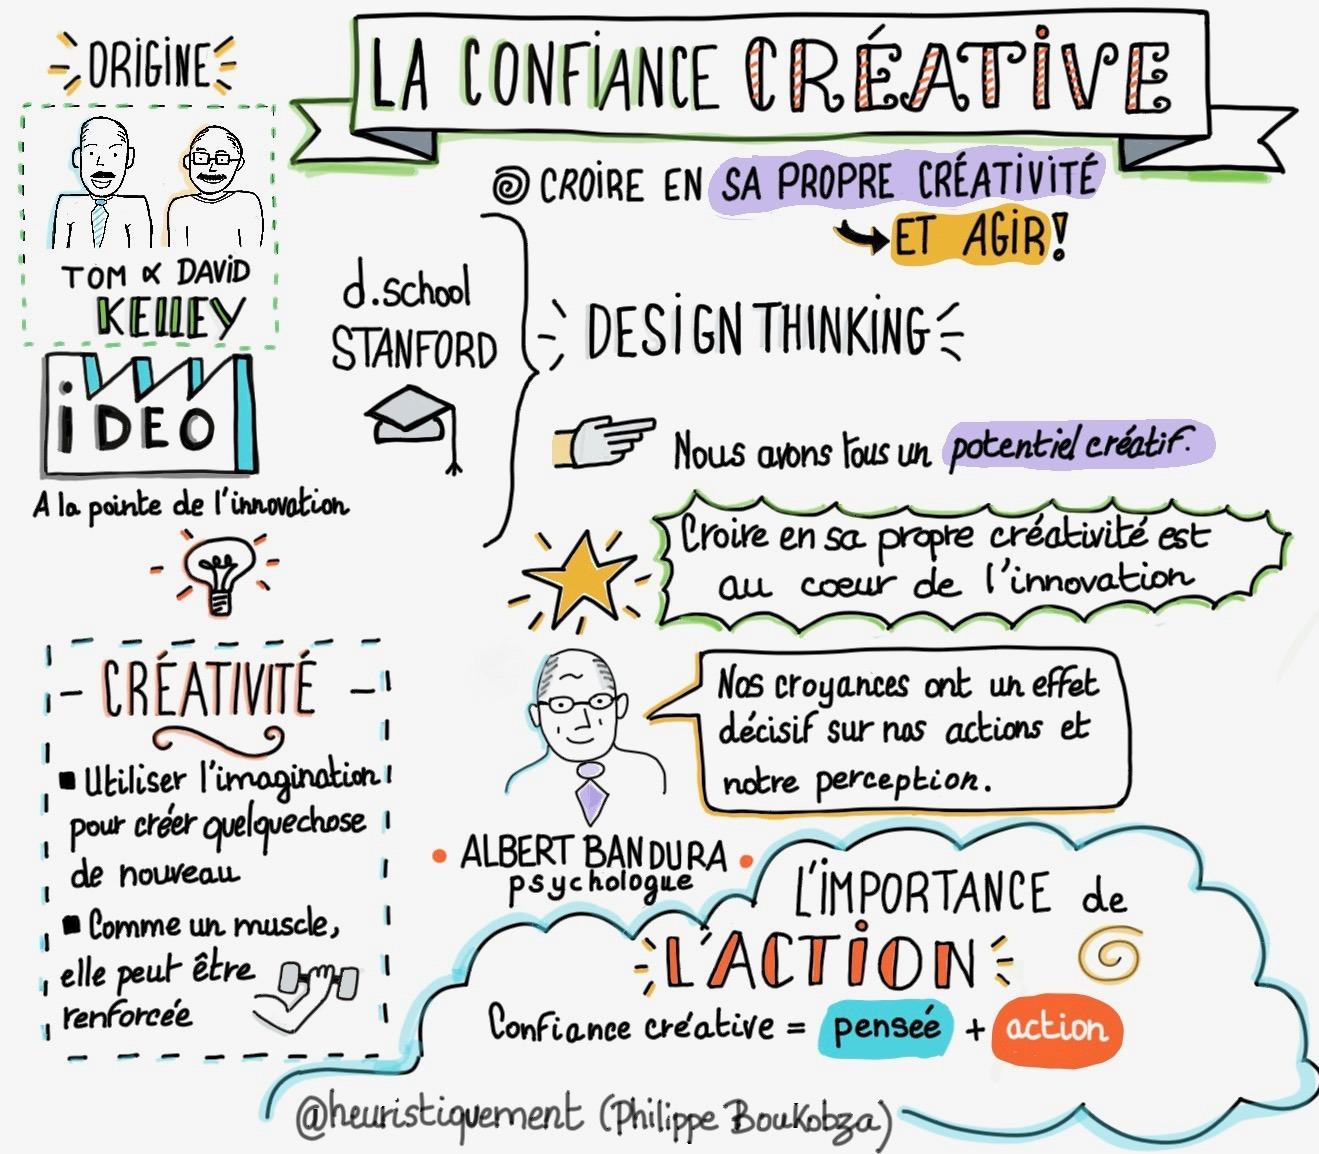 La Confiance créative Image